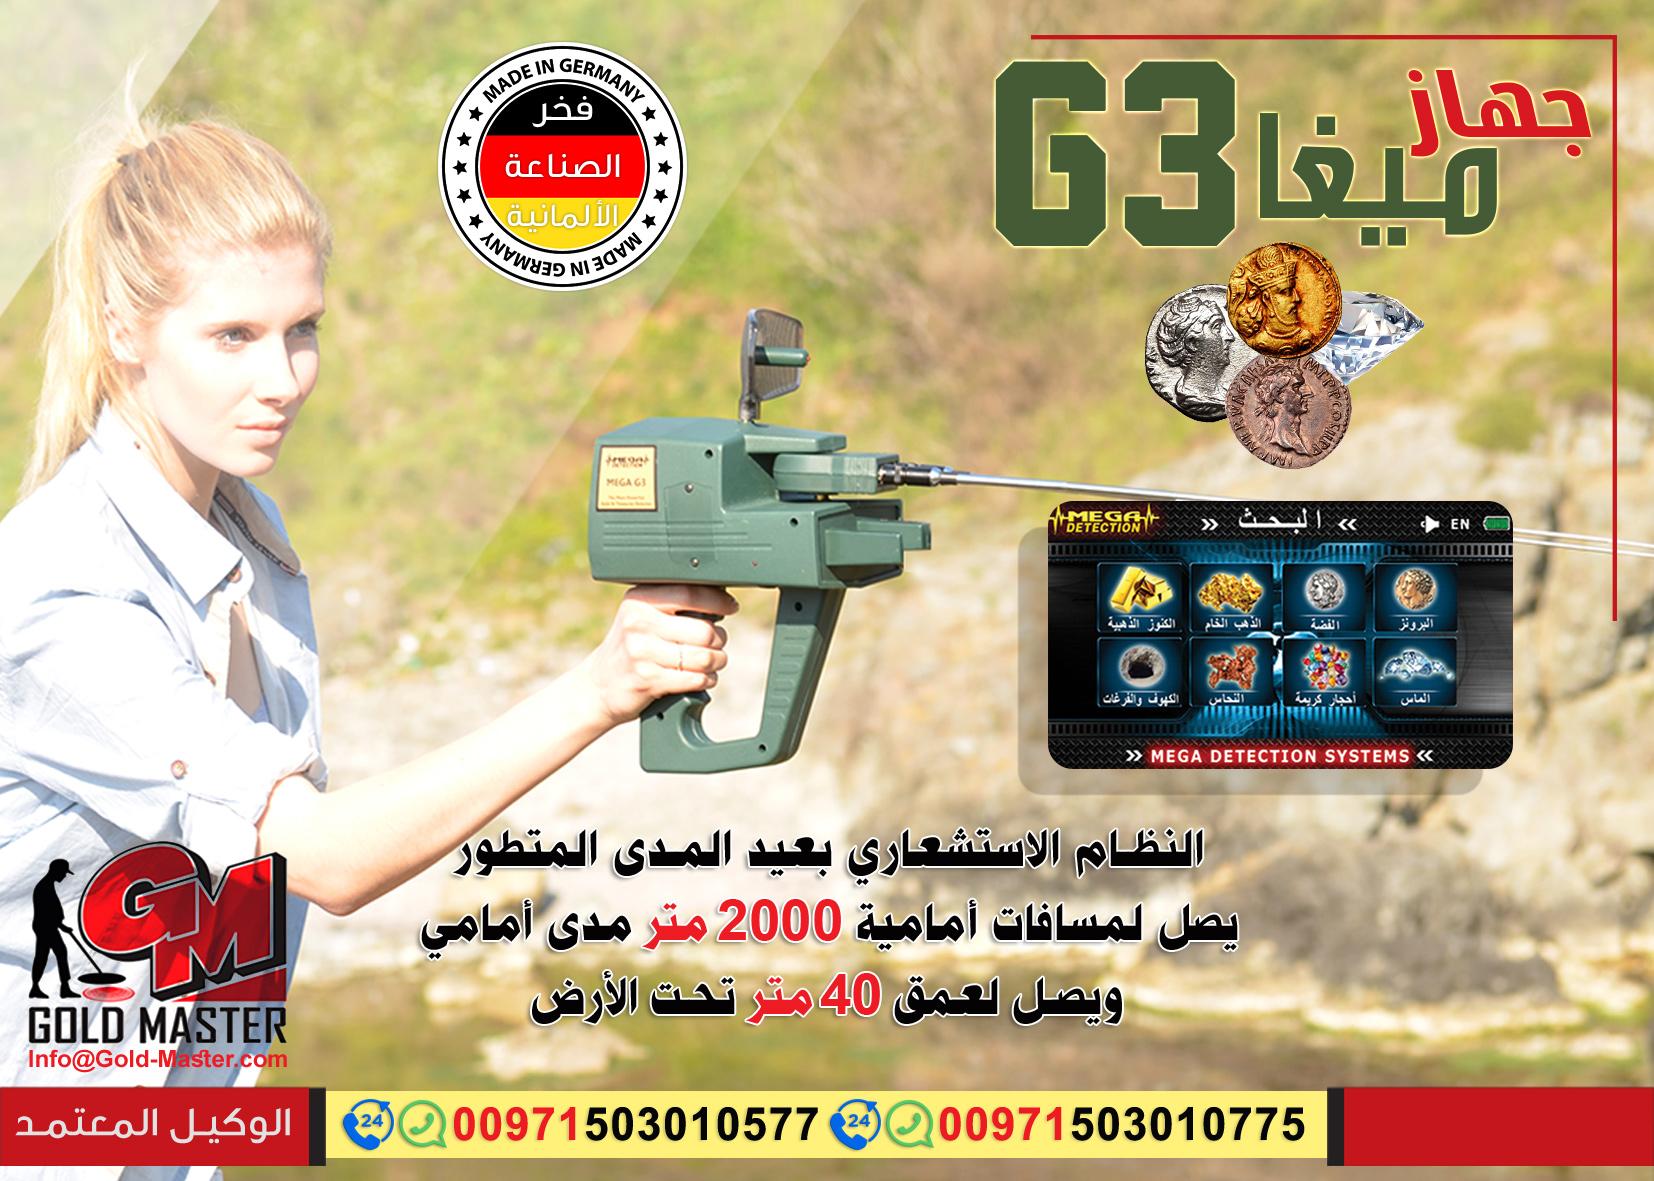 جهاز كشف الذهب فى السعودية mega g3